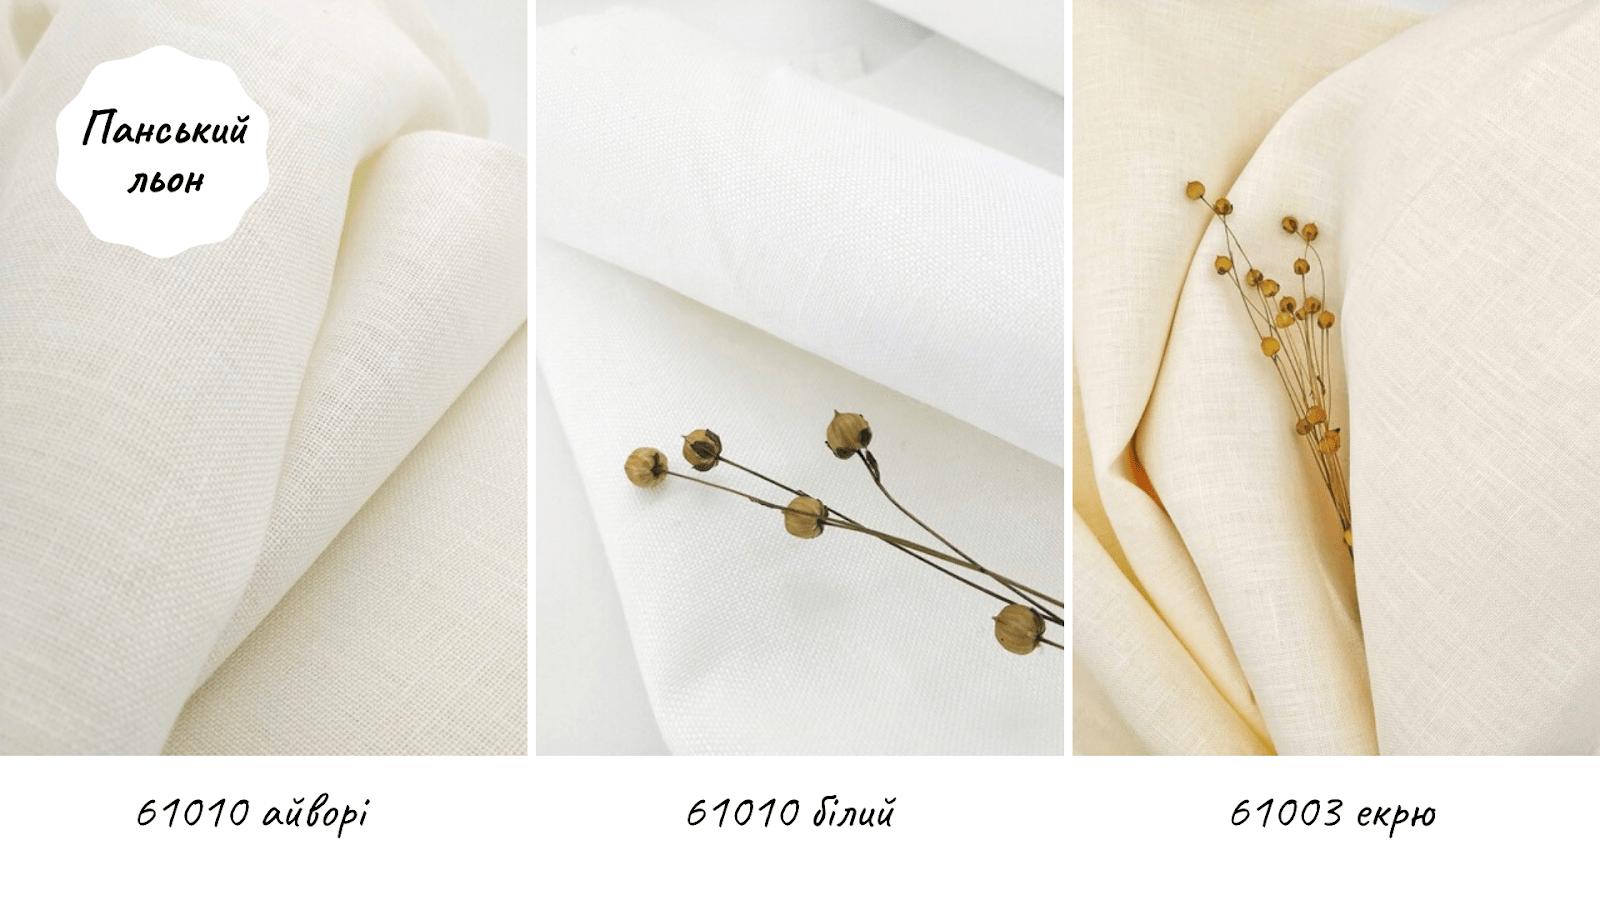 итальянская ткань лен купить